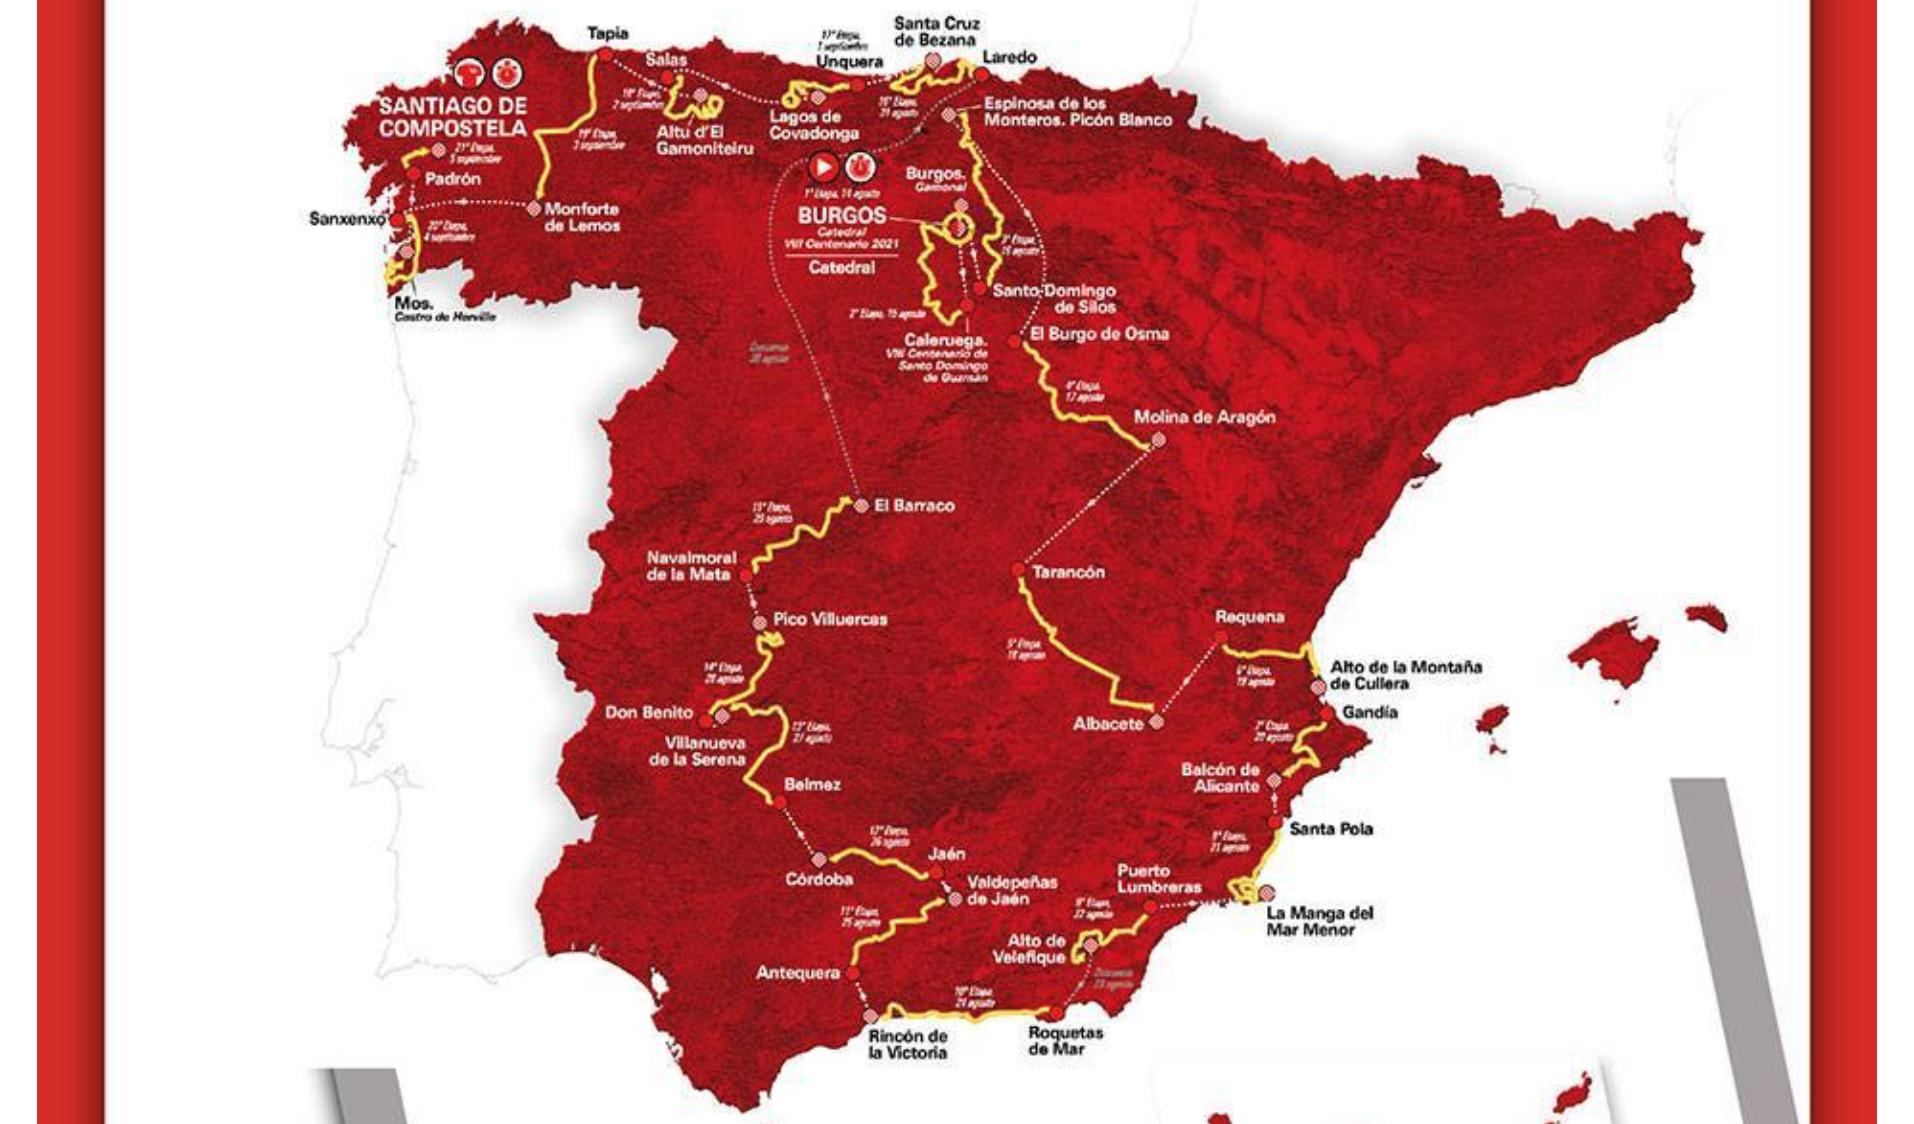 Vuelta: Rogličev nagovor in Vuelta brez Madrida